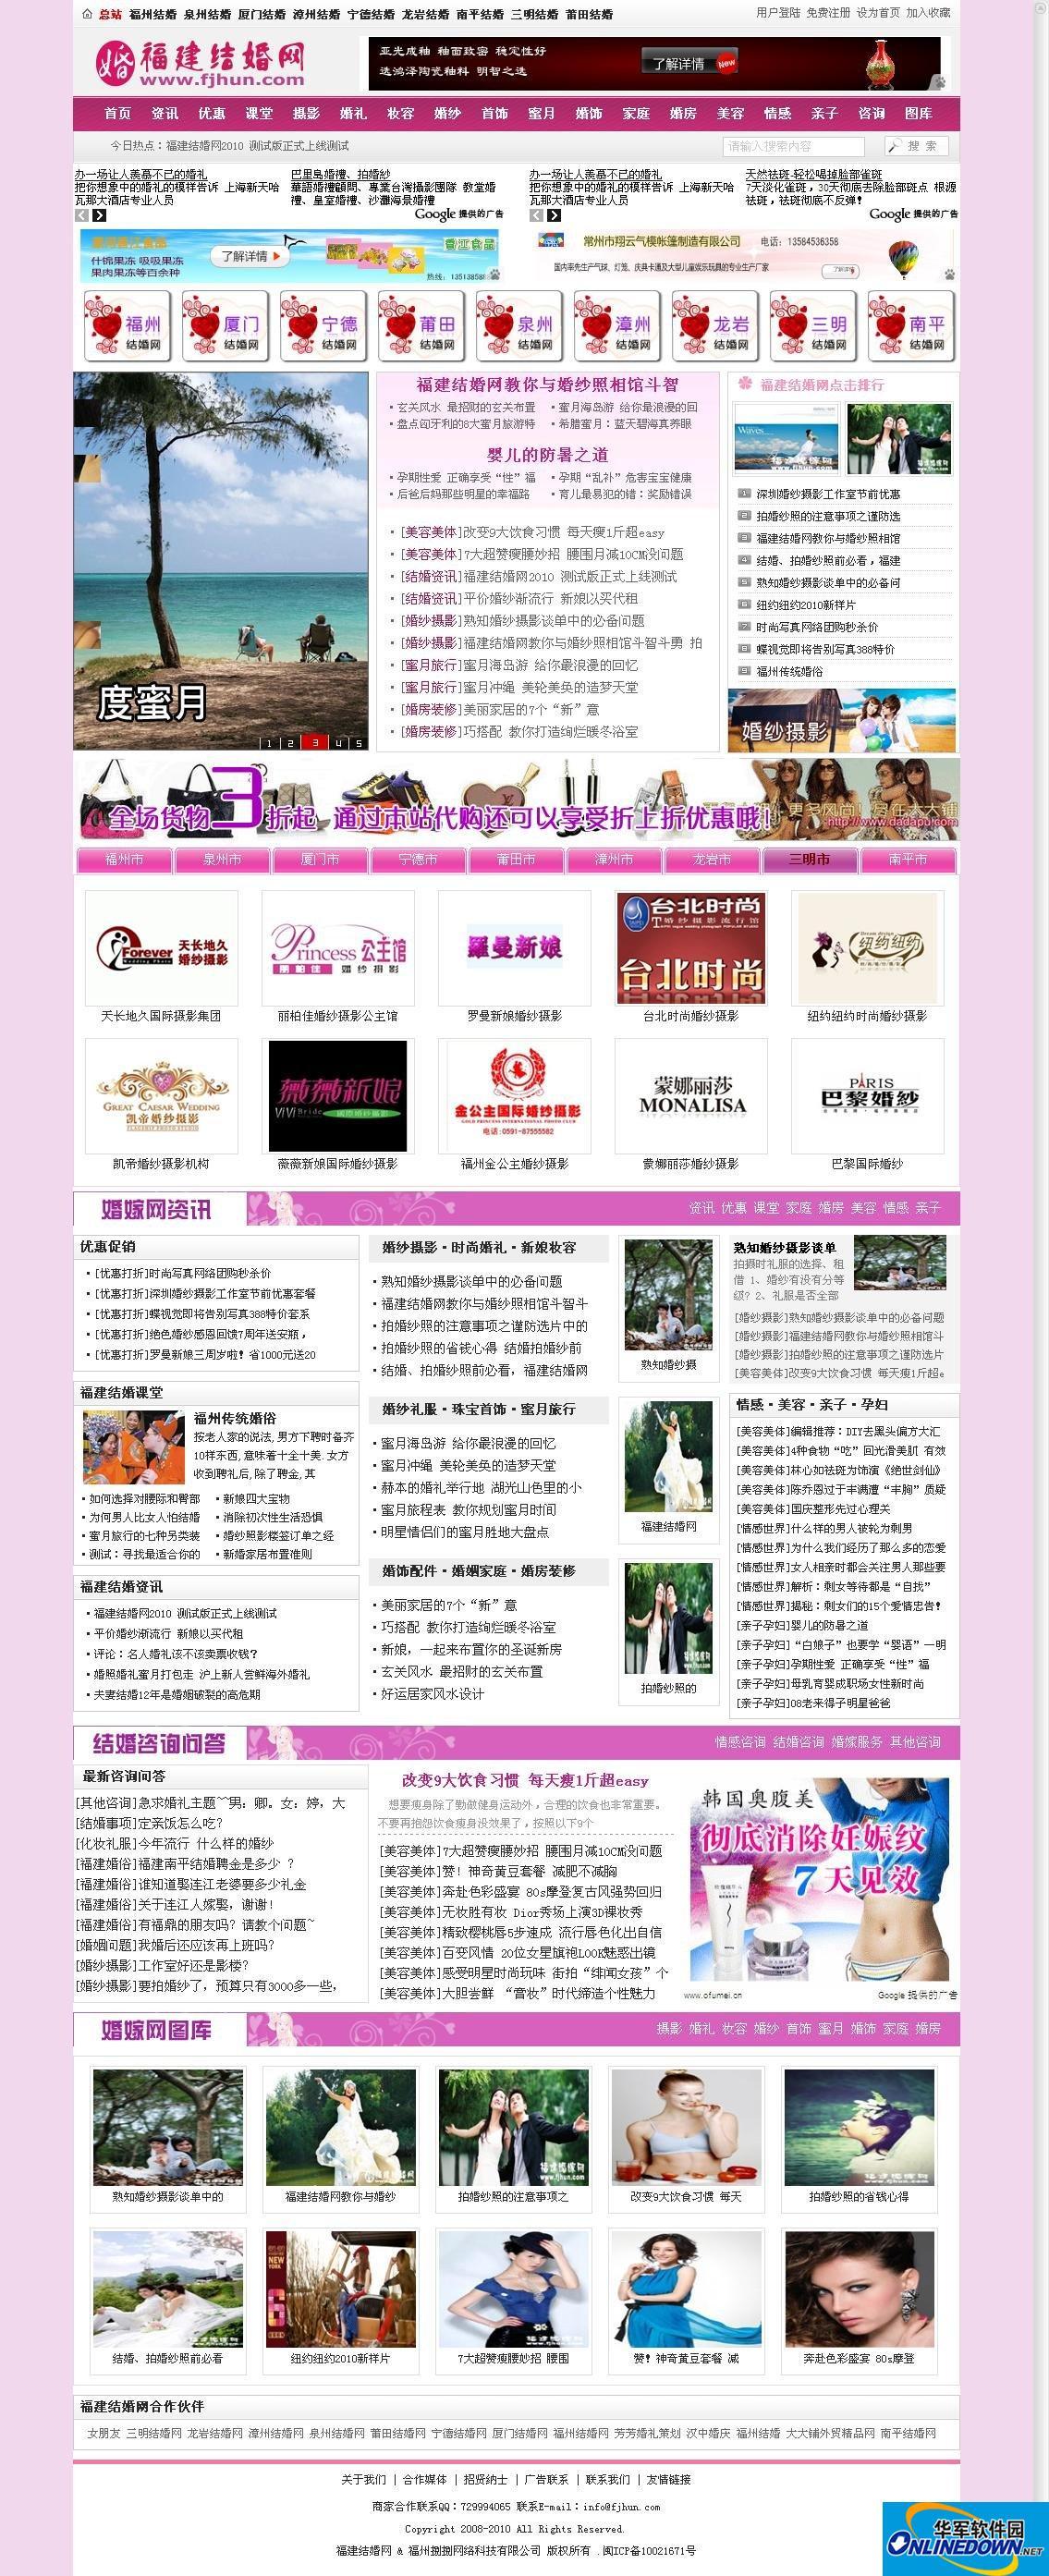 福建婚嫁网整站模板与DEDE程序 PC版